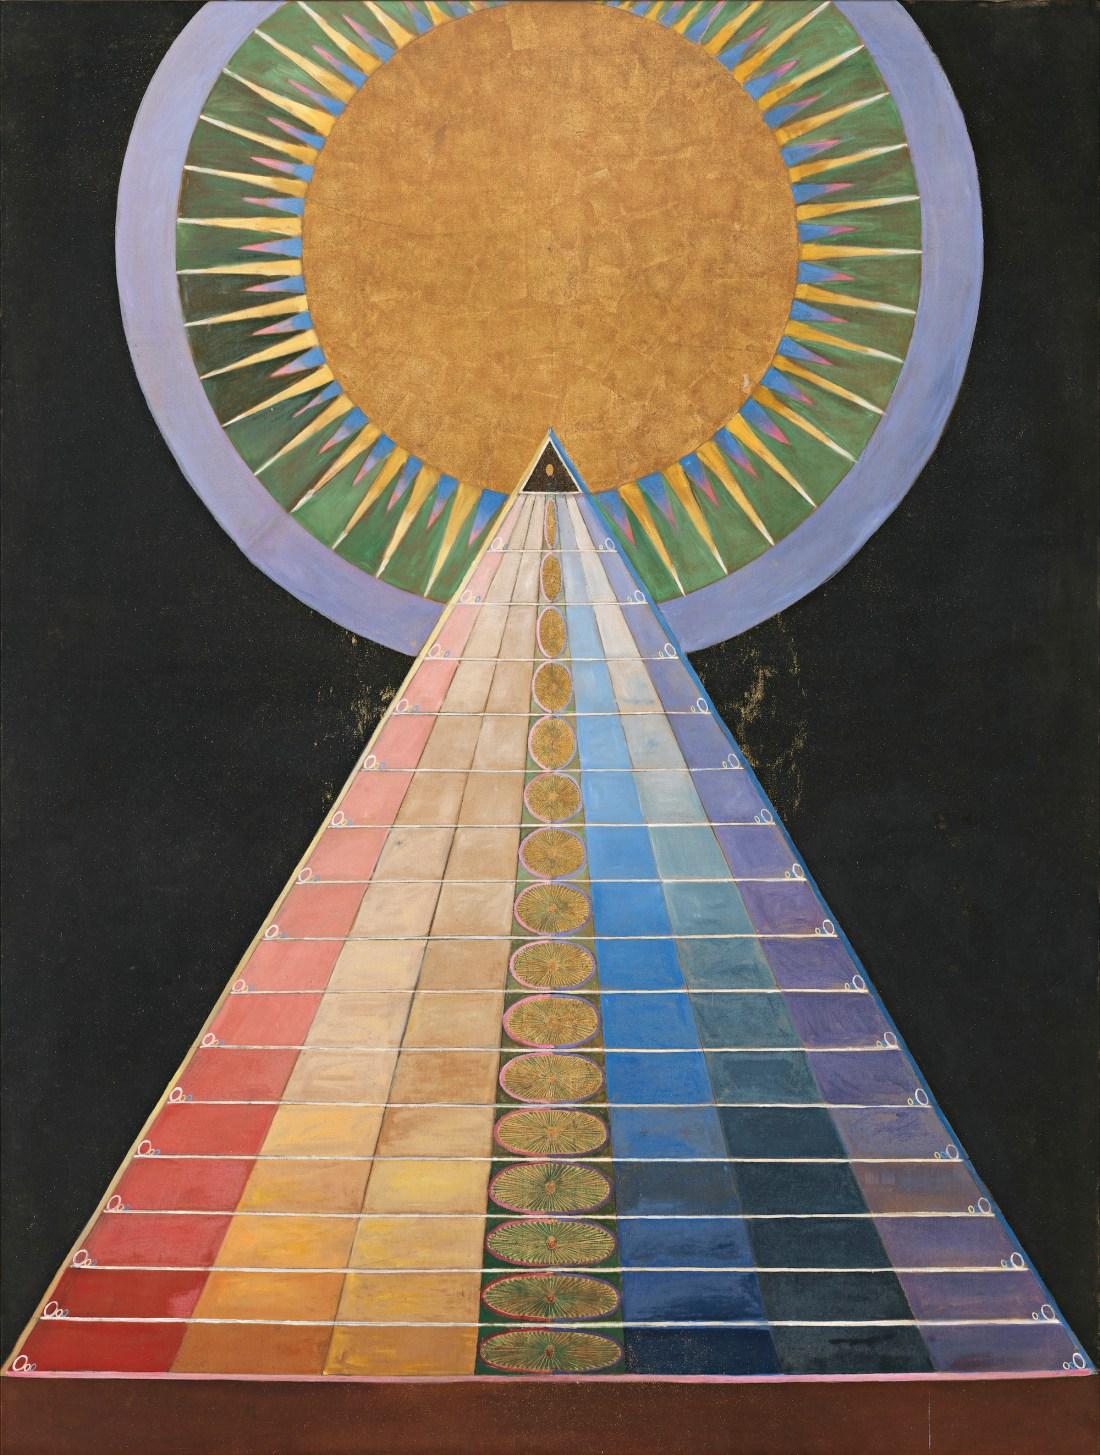 """Group X, No. 1, Altarpiece (Grupp X, nr 1, Altarbild), from """"Altarpieces"""" (Altarbilder).1915"""